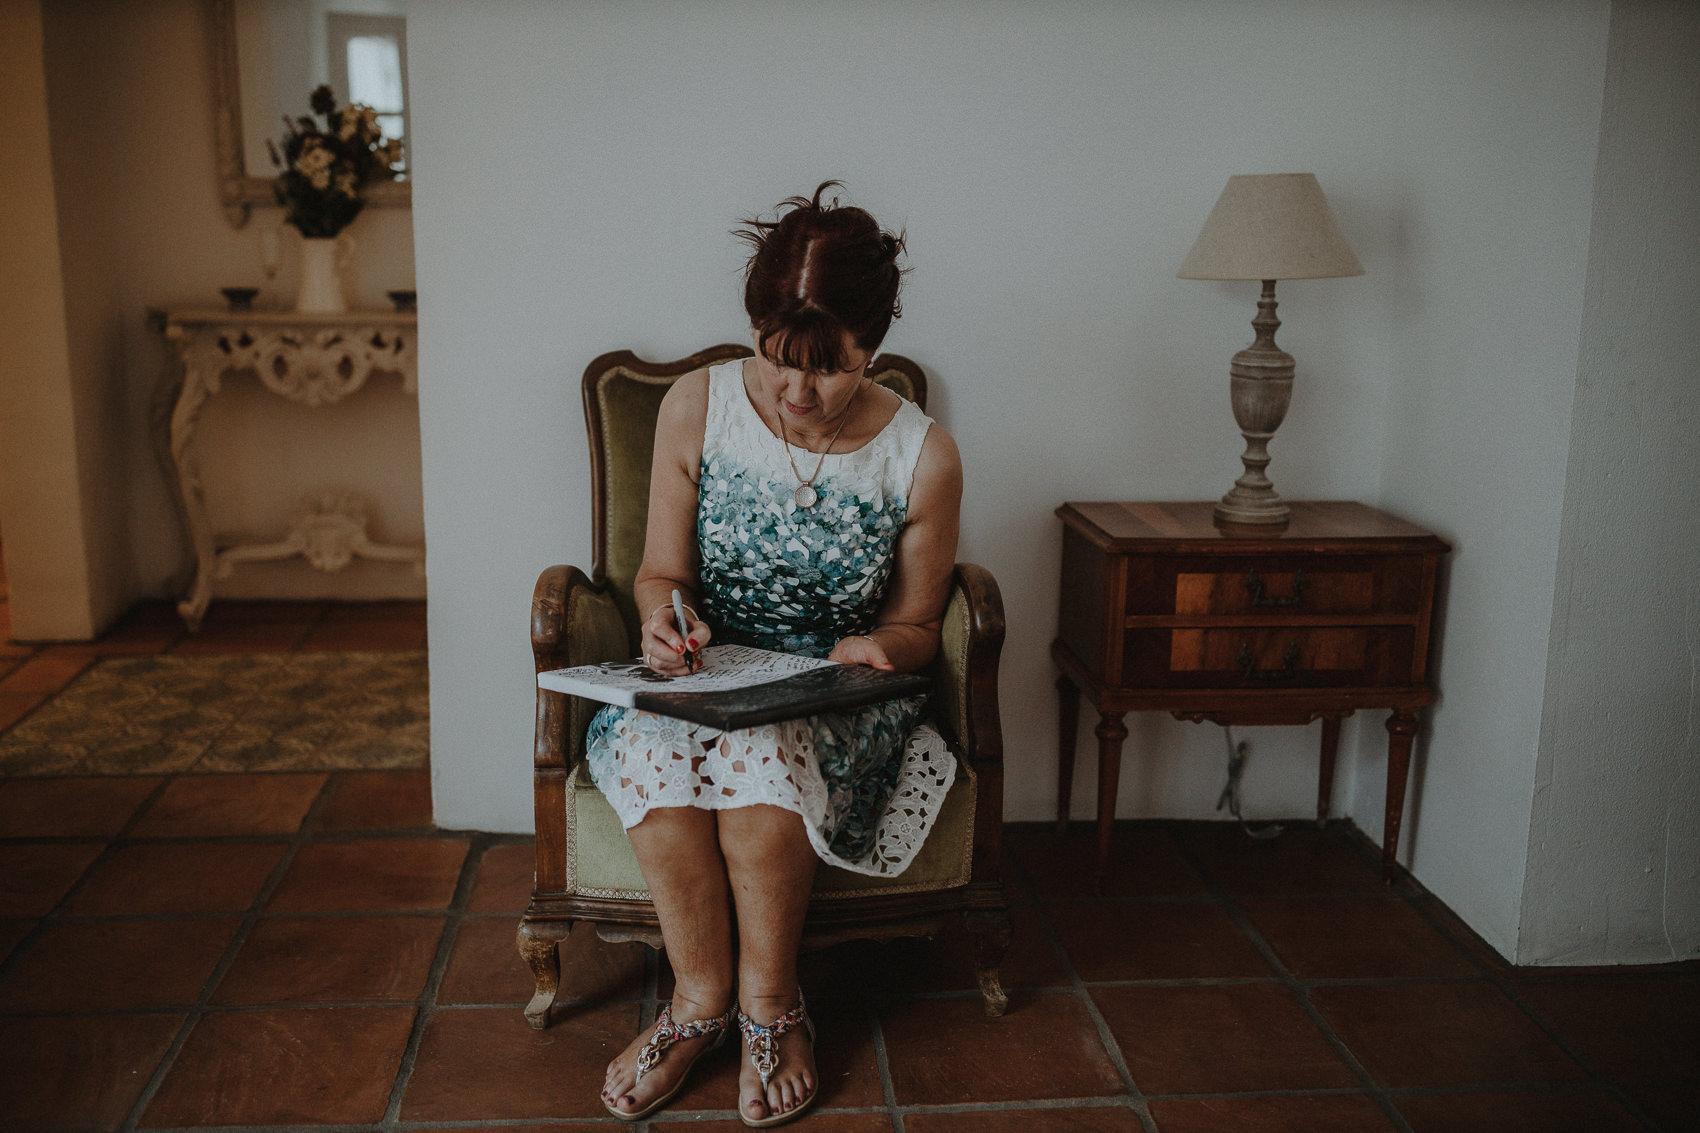 Sarah & Bill | Summer wedding at Cortijo Rosa Blanca | Marbella - Spain 144